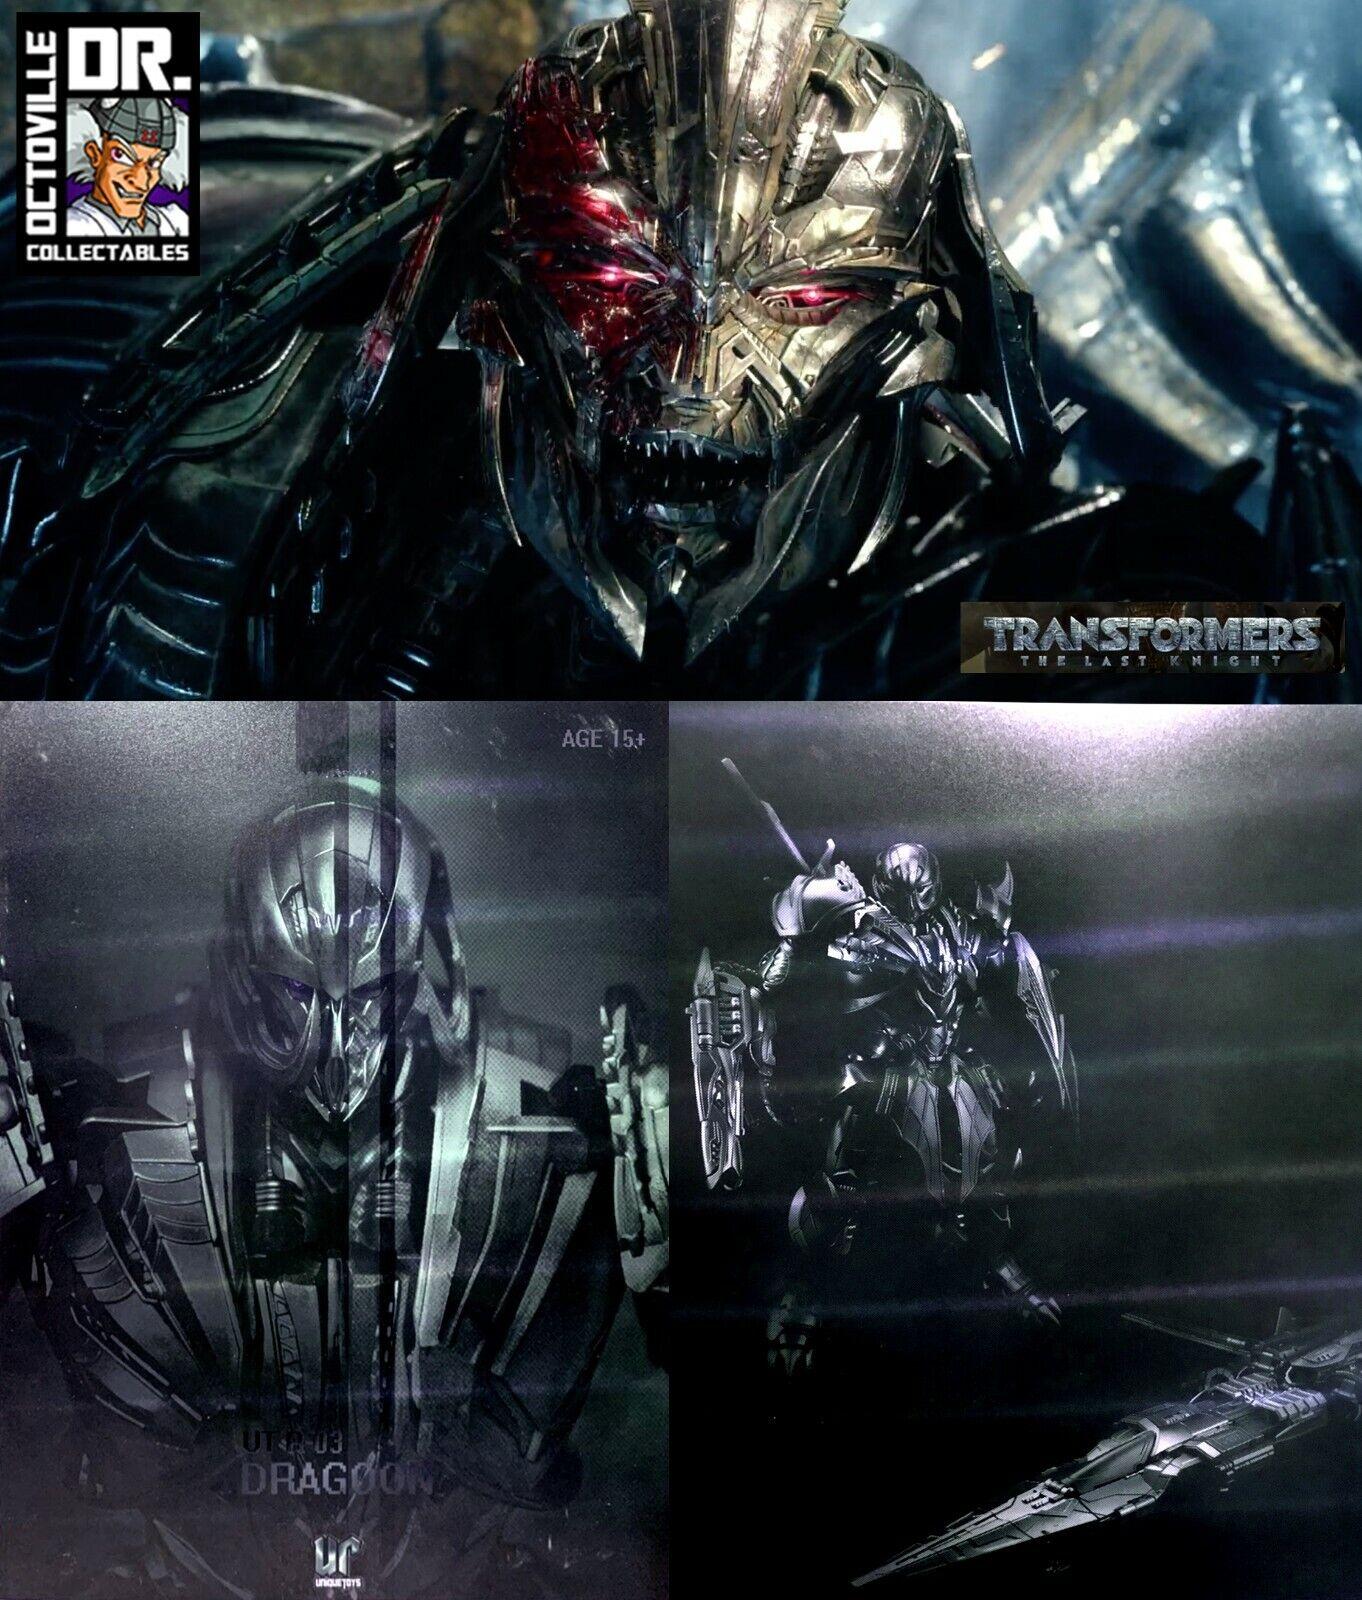 Transformers G1 NERO OPTIMUS PRIME Nuovo Rilascio Figura Collezione Menta Nuovo di zecca in scatola sigillata